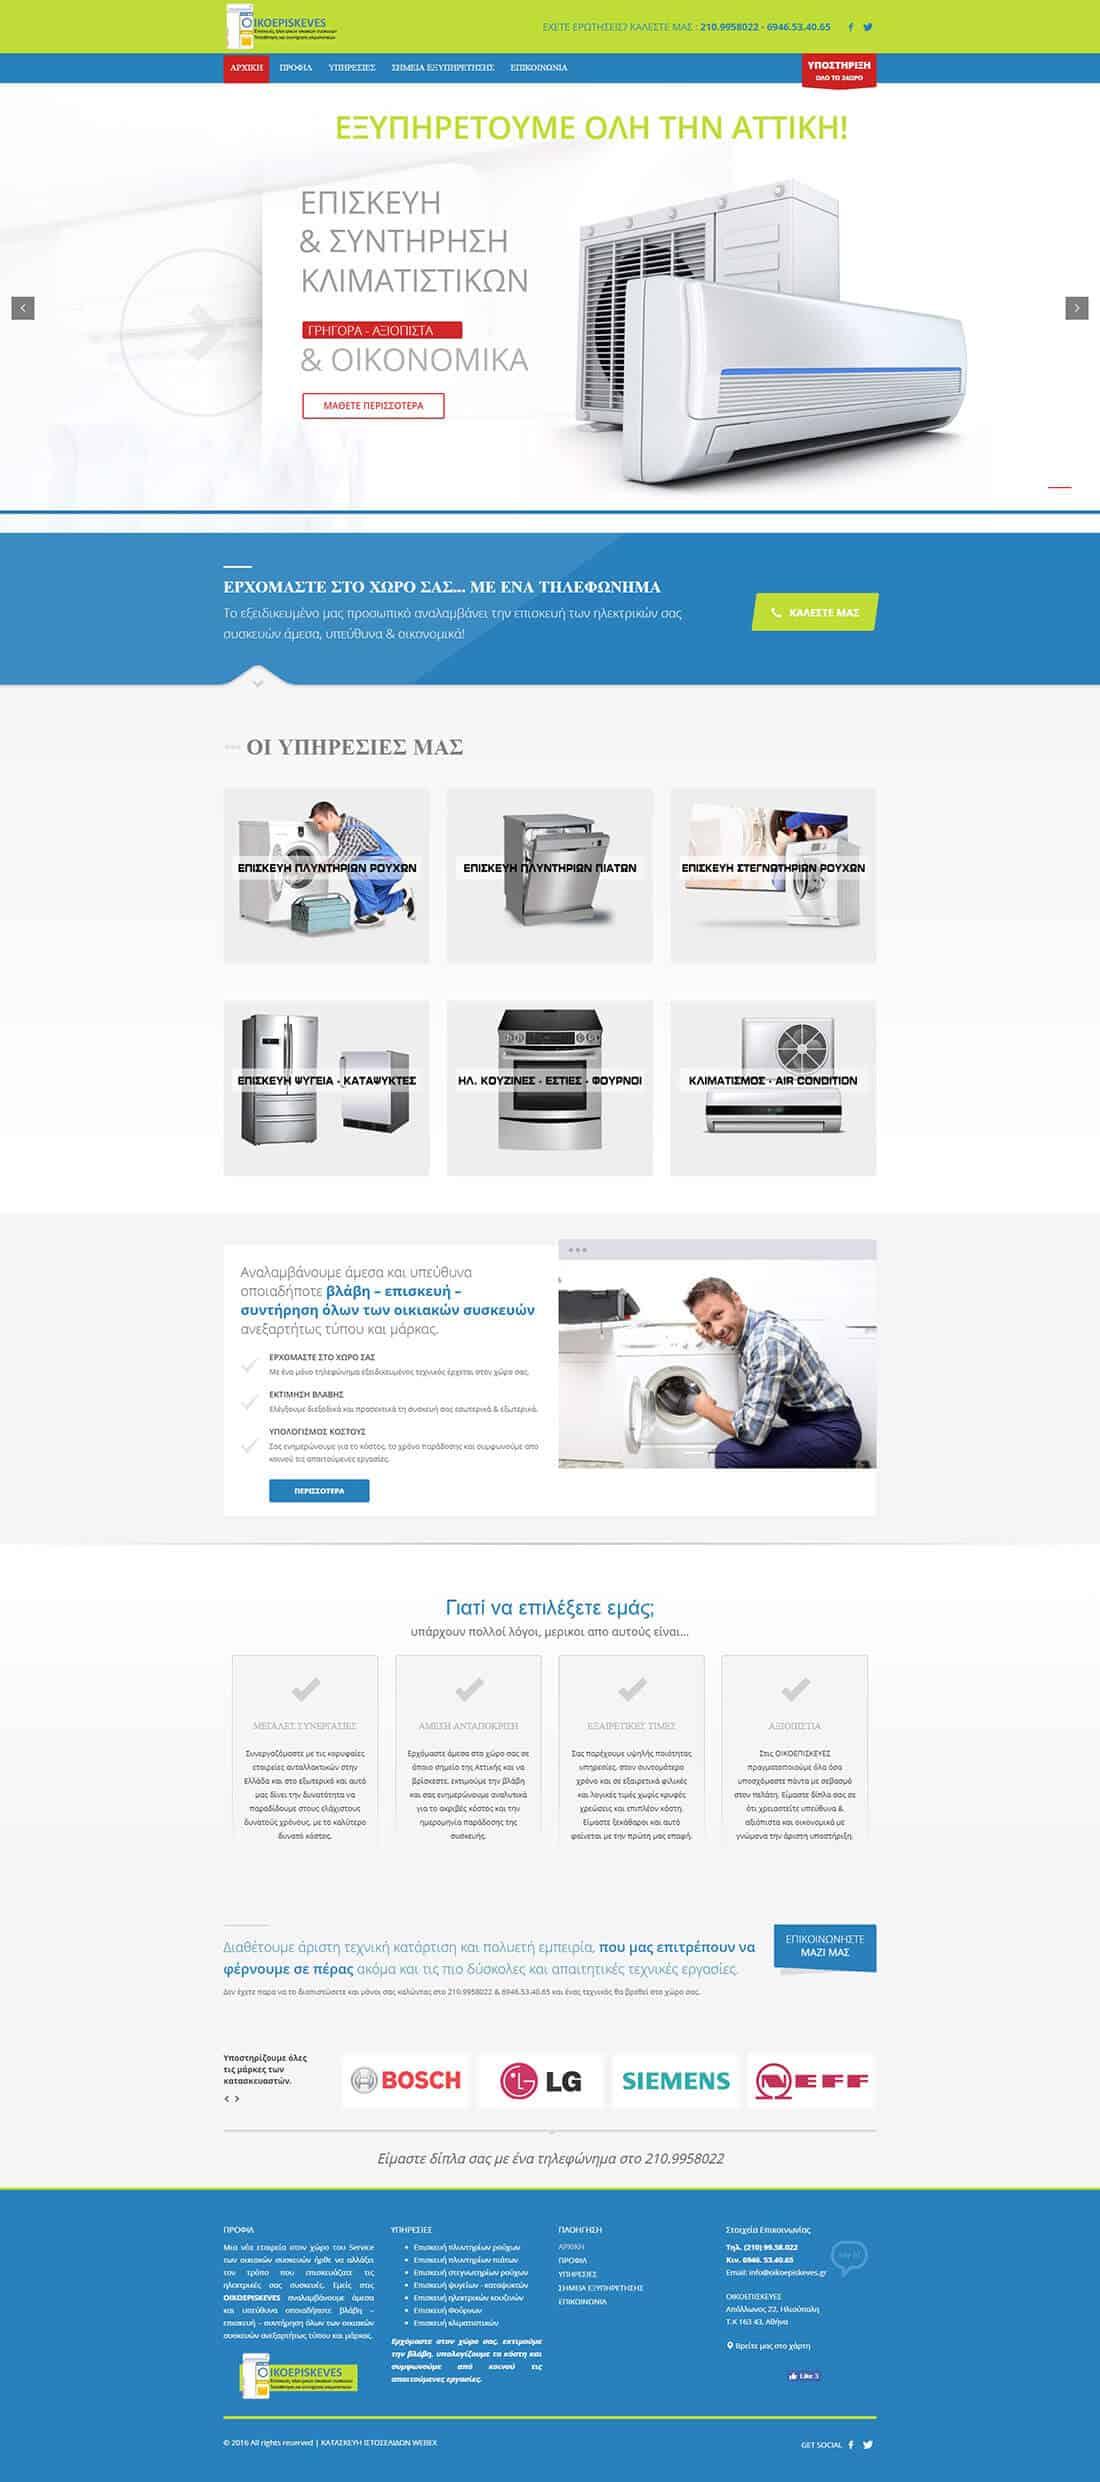 Κατασκευή ιστοσελίδας για εταιρεία επισκευών ηλεκ. συσκευών στην Αθήνα